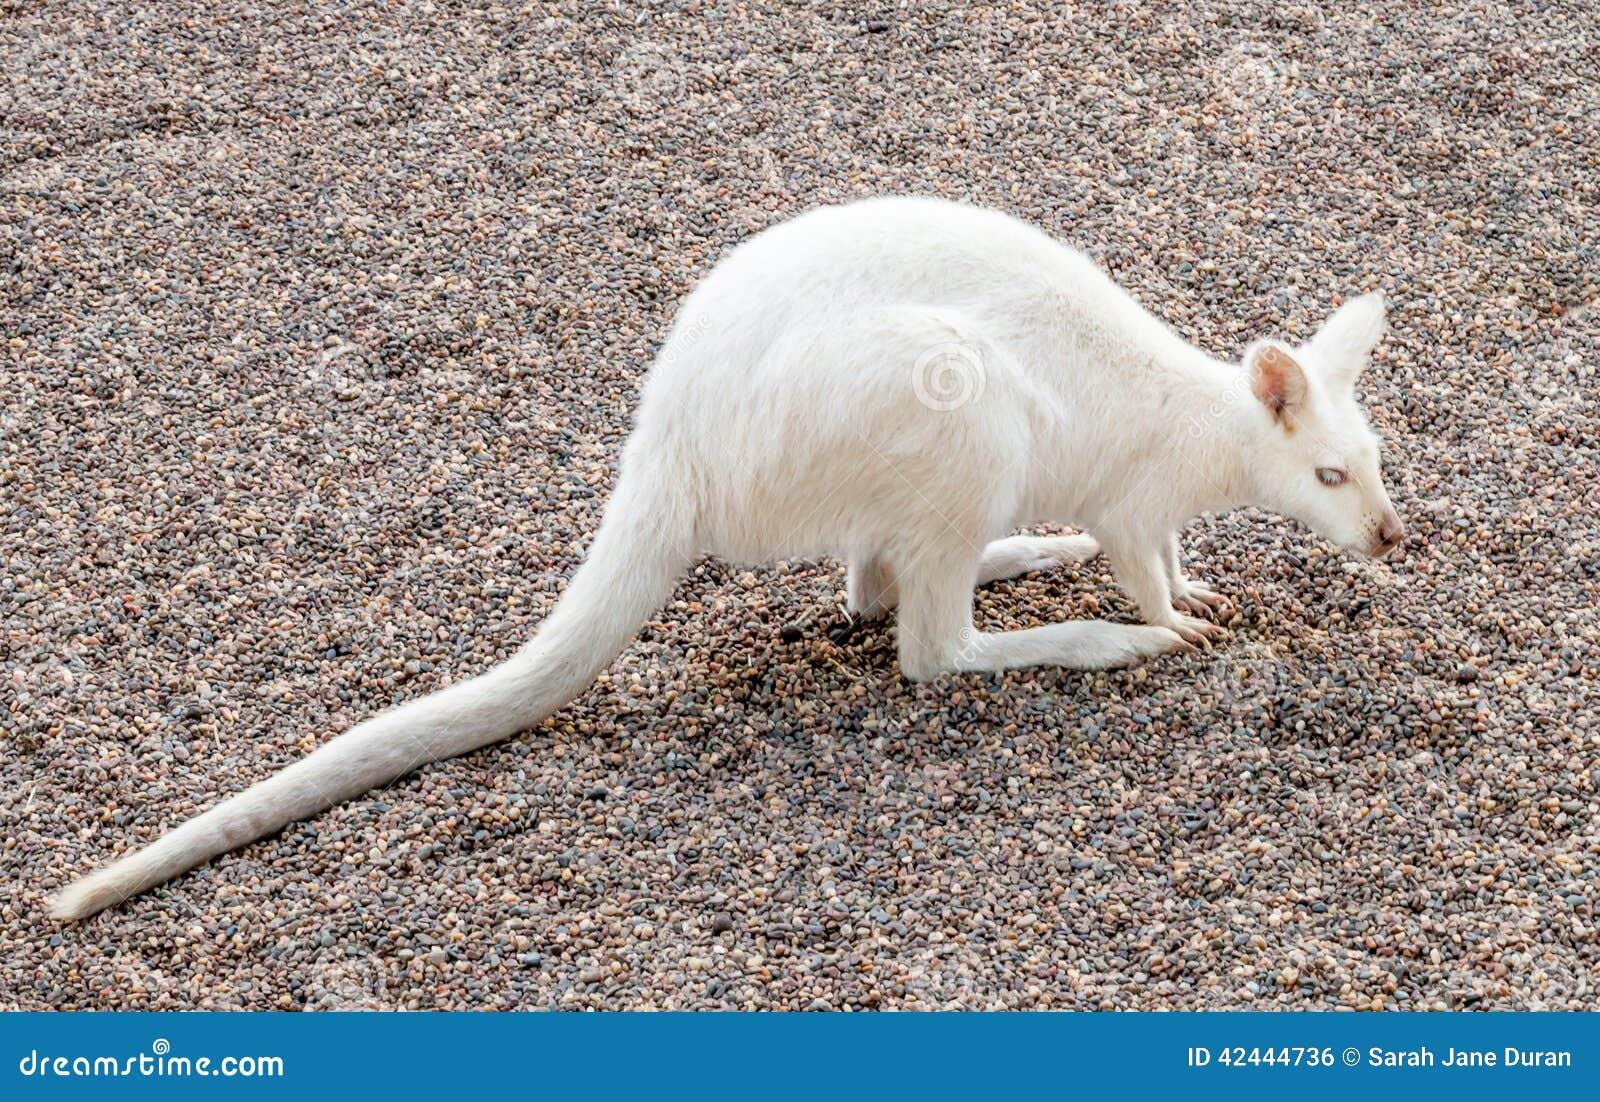 白白色家庭乱伦_与白变种基因的白色红收缩的鼠在澳大利亚